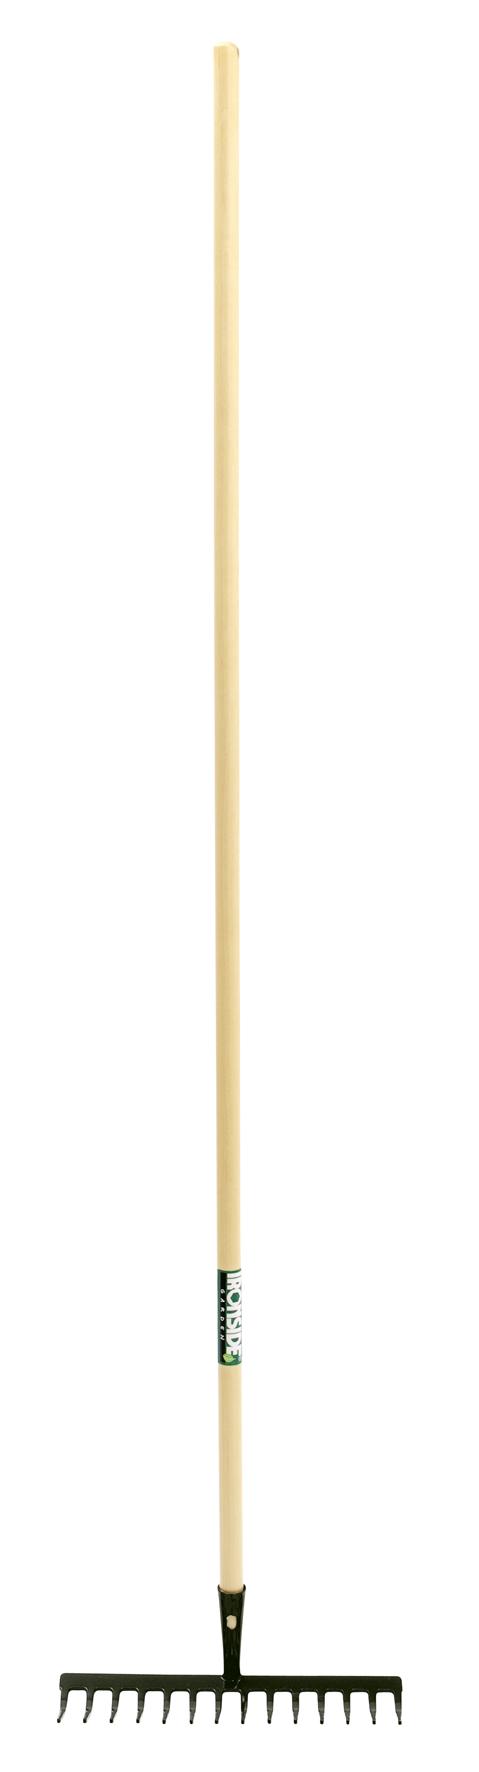 Rake ironside 16 bøyde pinner s88 513010